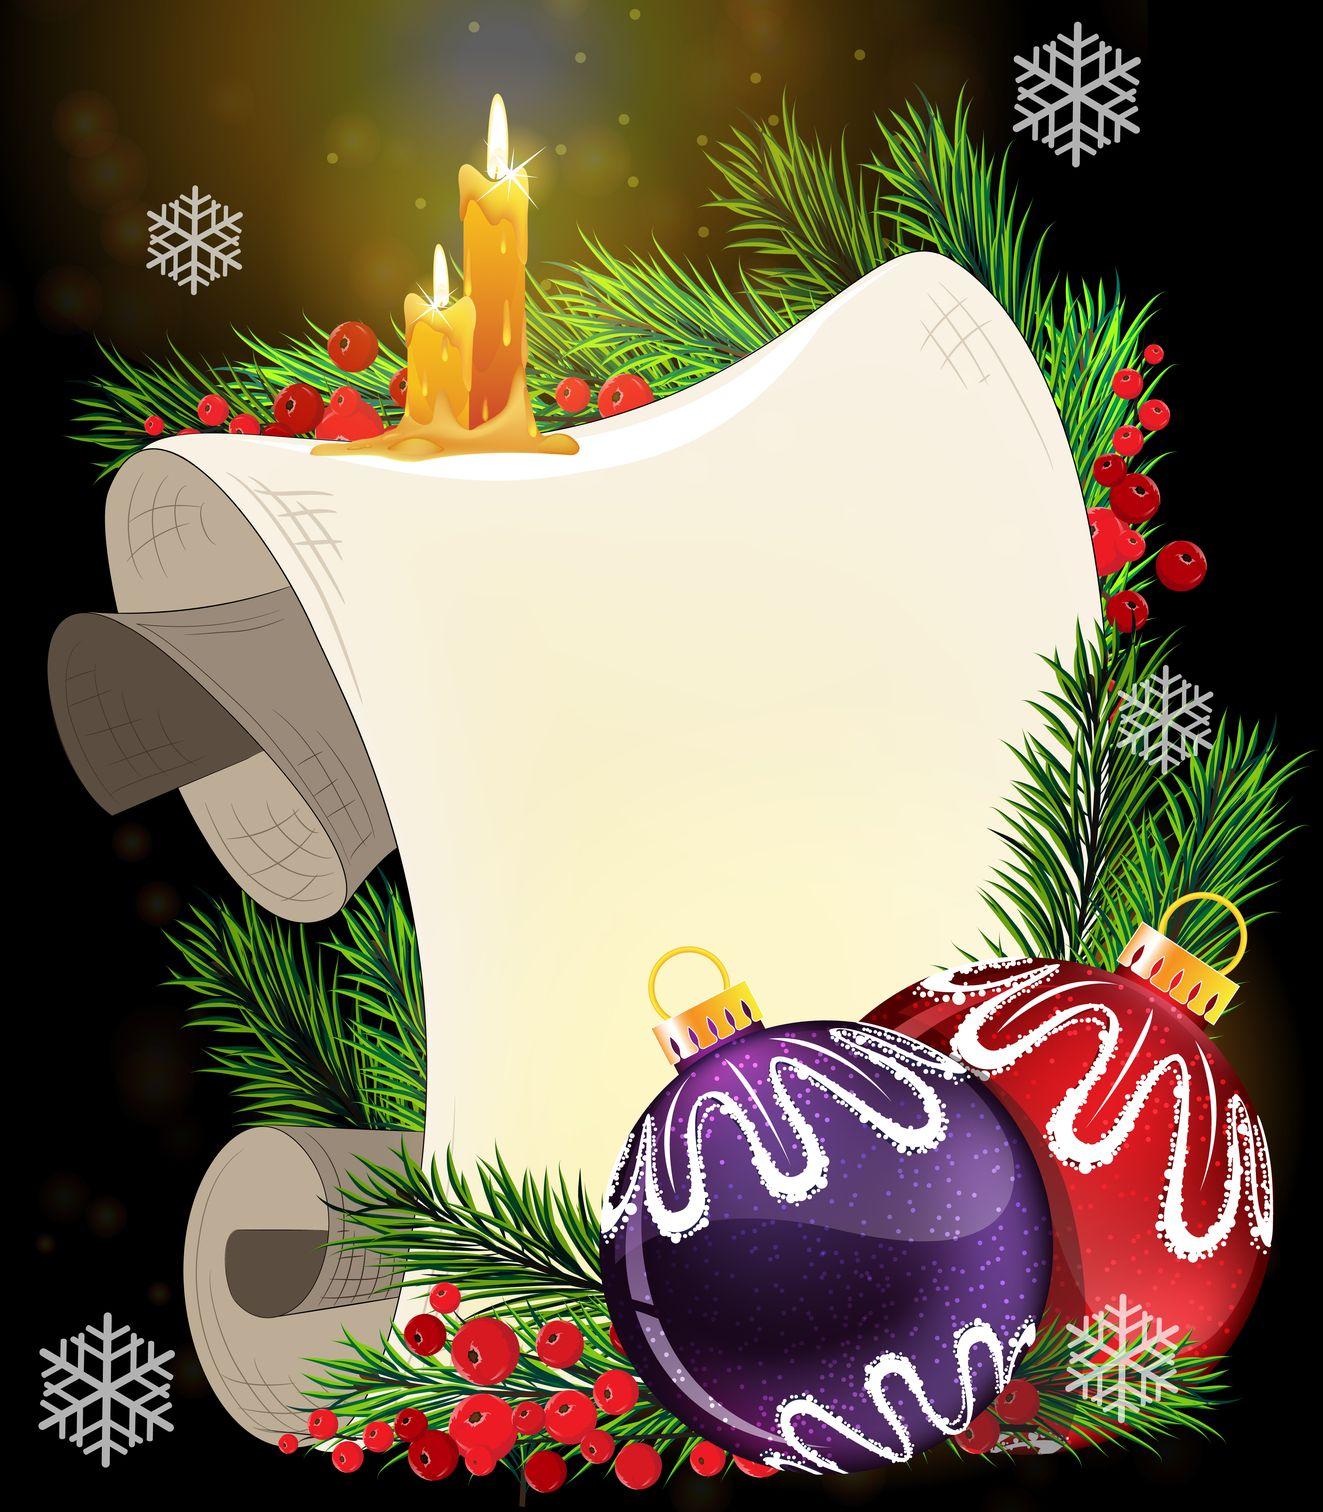 Tarjetas de navidad para escribir mensajes personalizados - Tarjetas felicitacion navidad ...